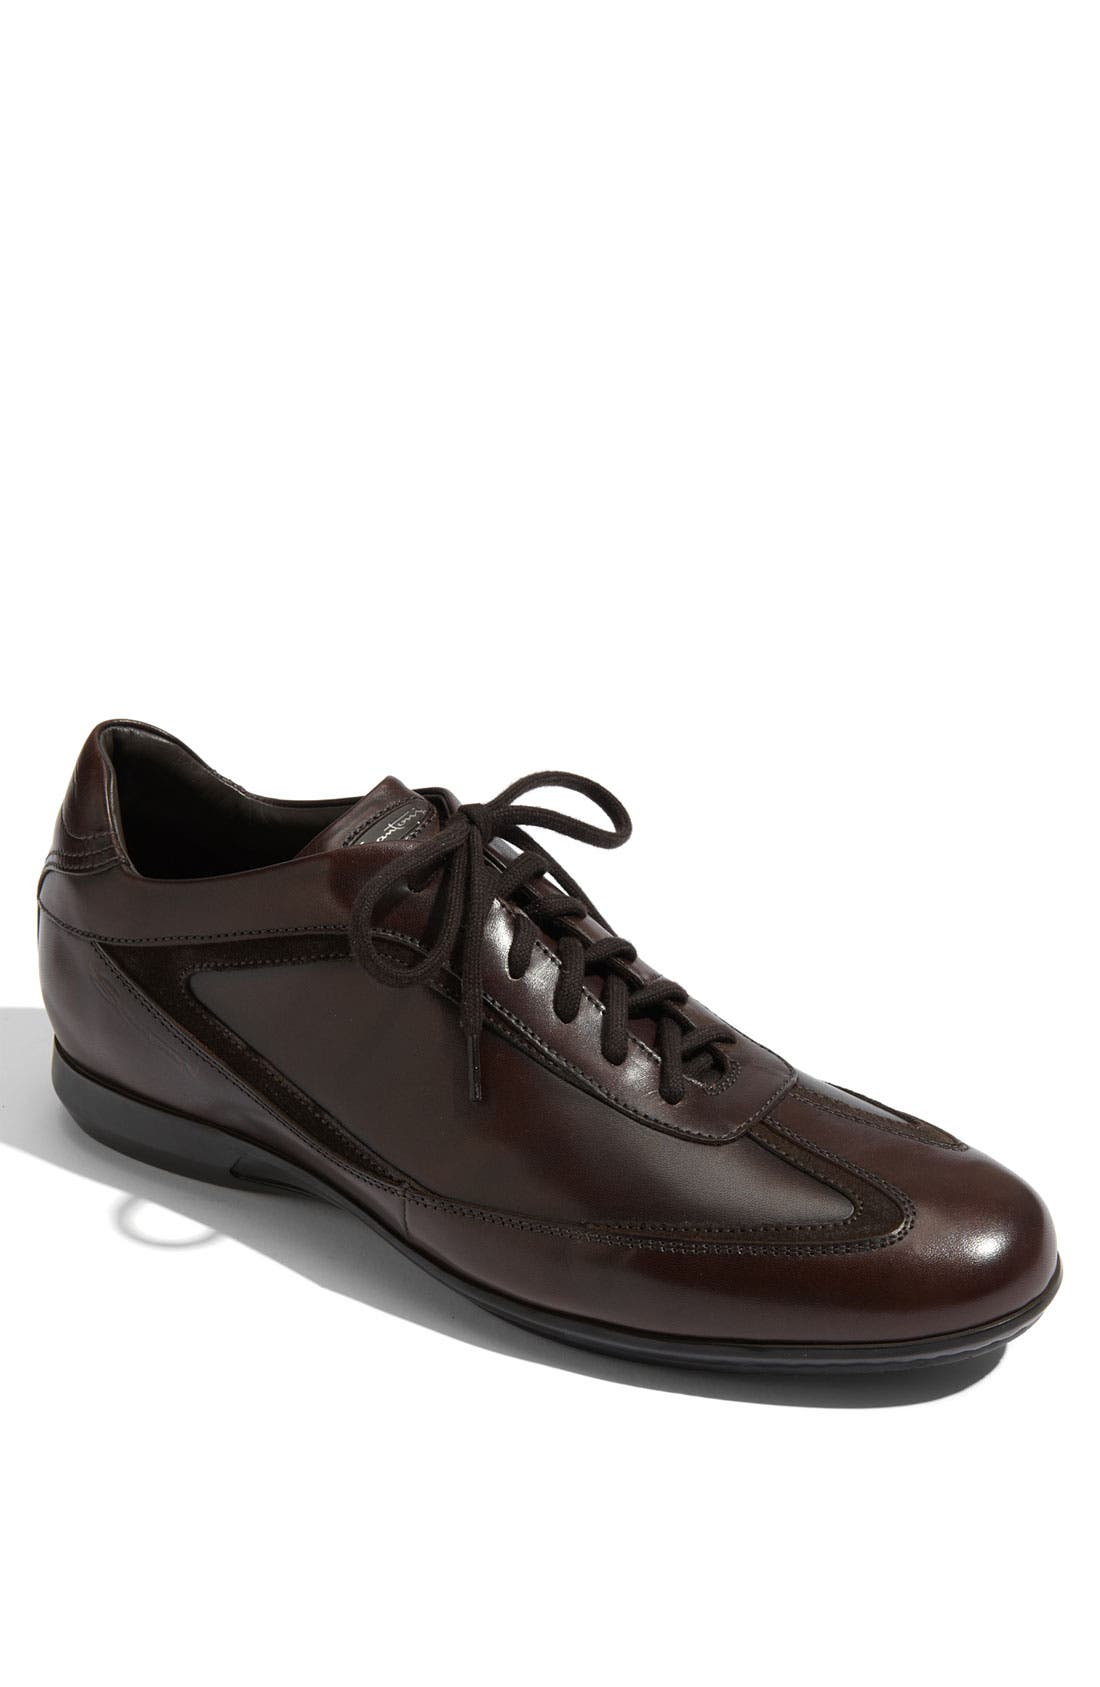 Main Image - Santoni 'Marlin' Sneaker (Men)